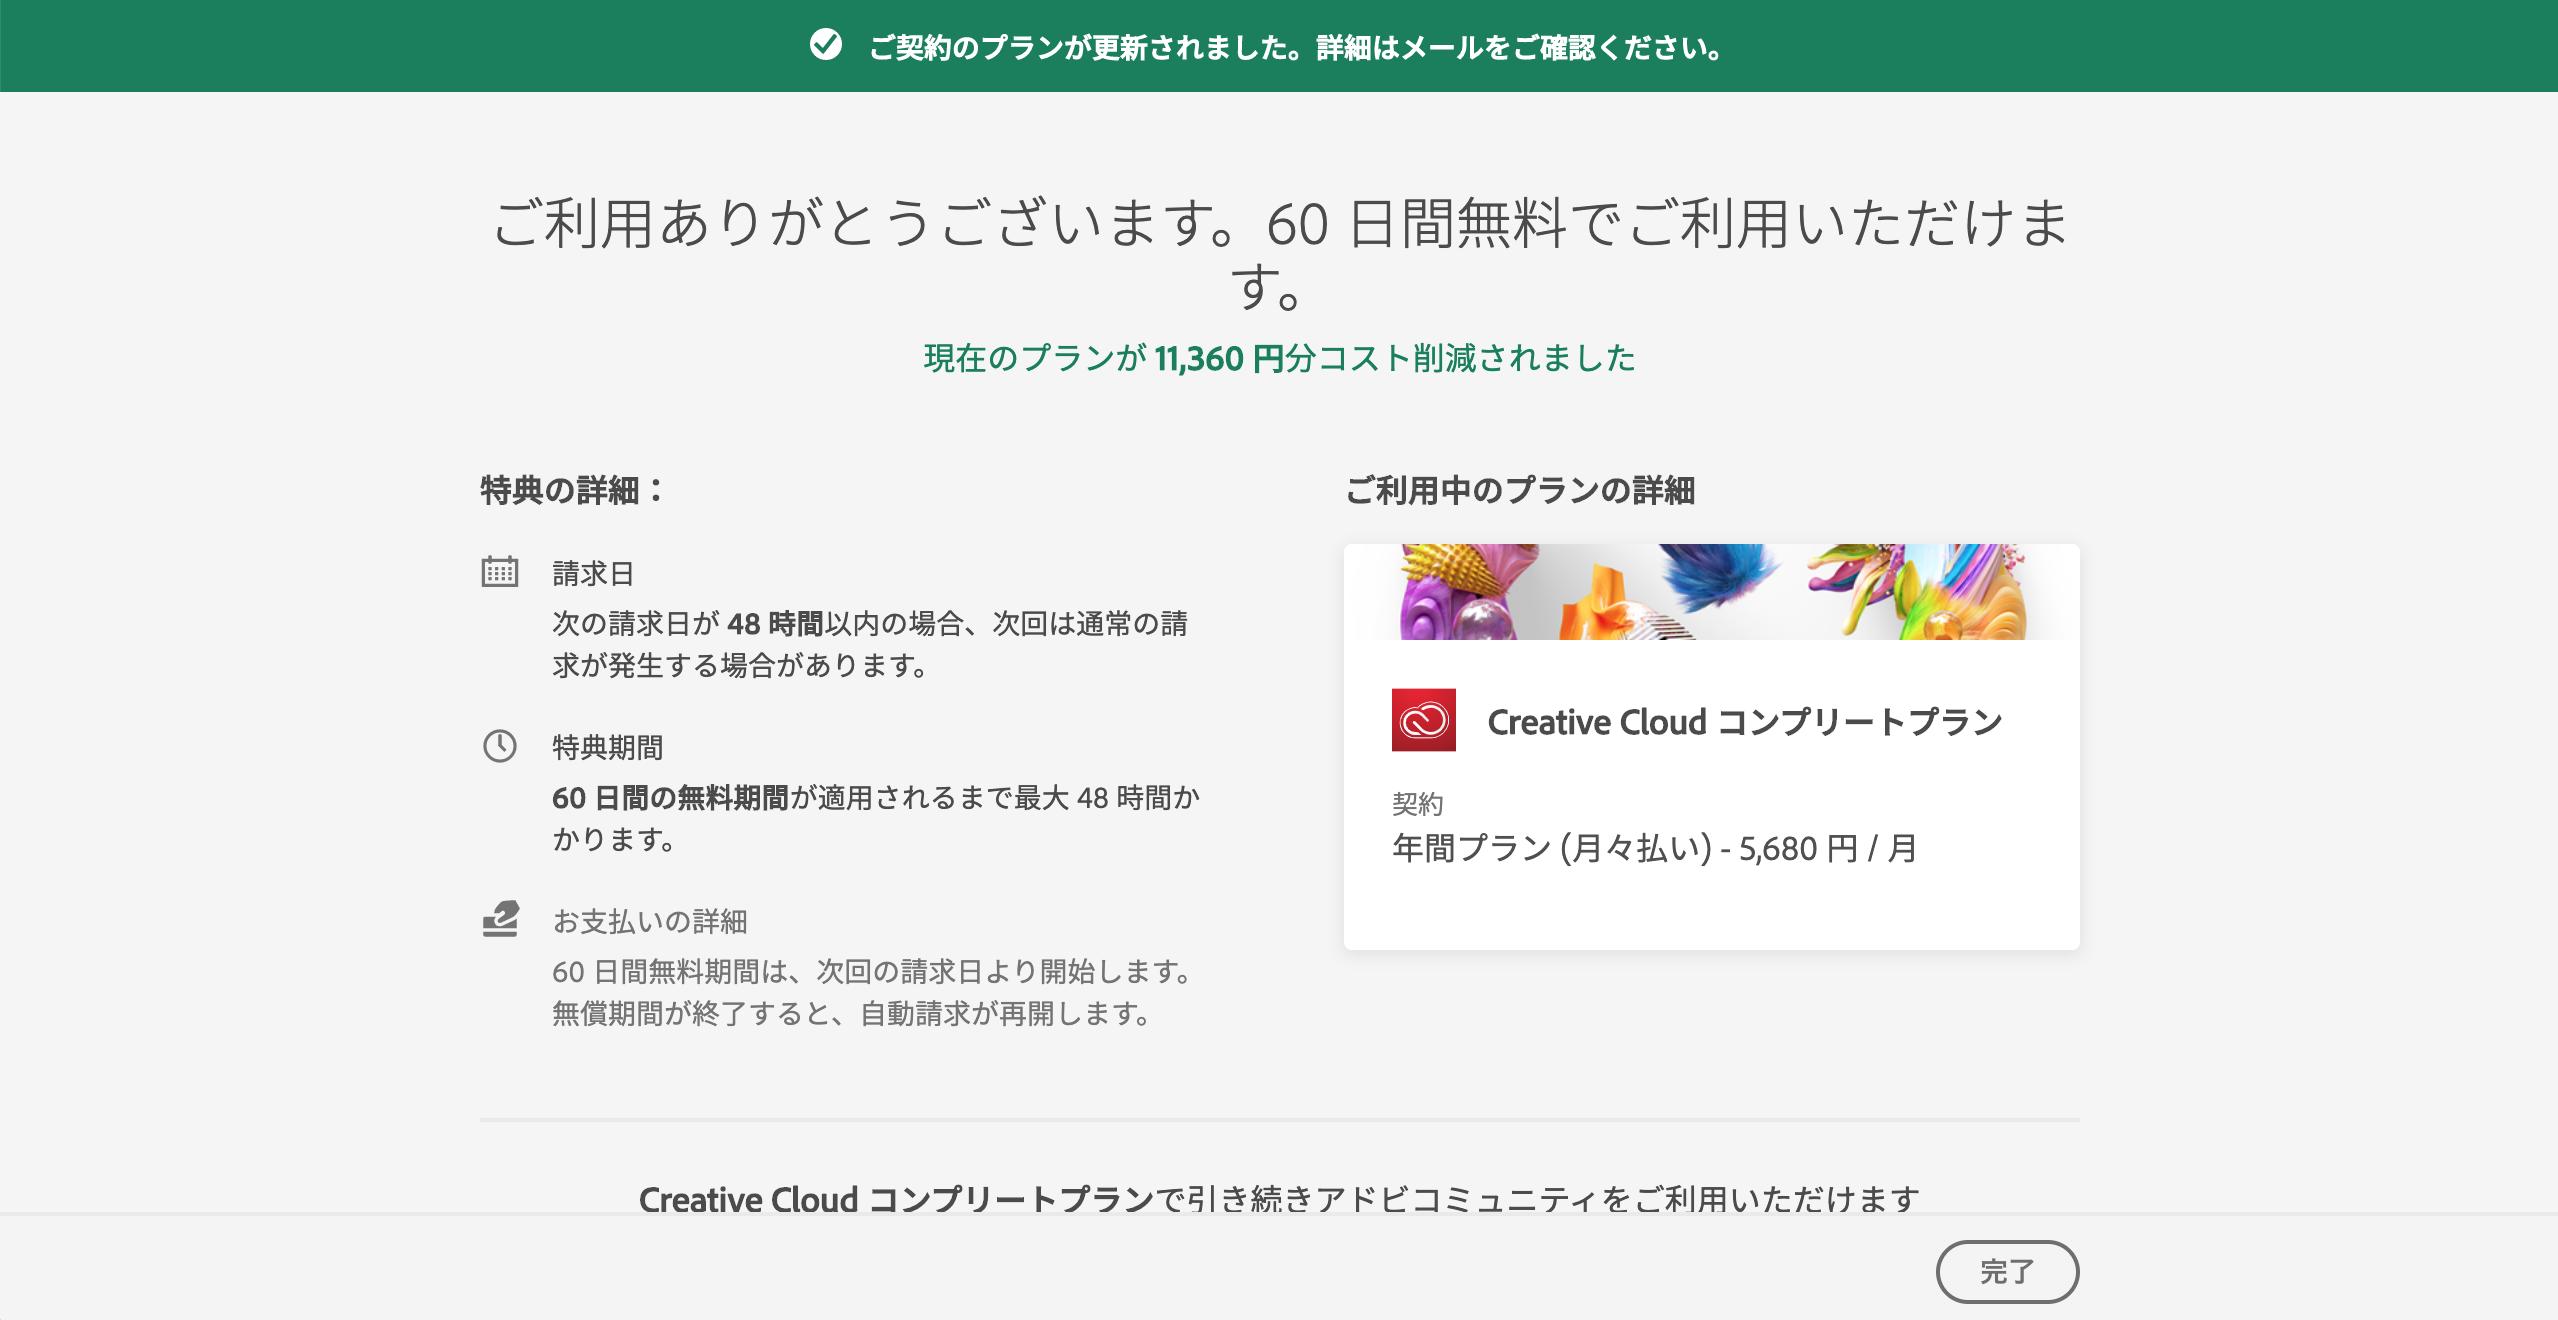 Screenshot 2020 04 08 at 17.20.25